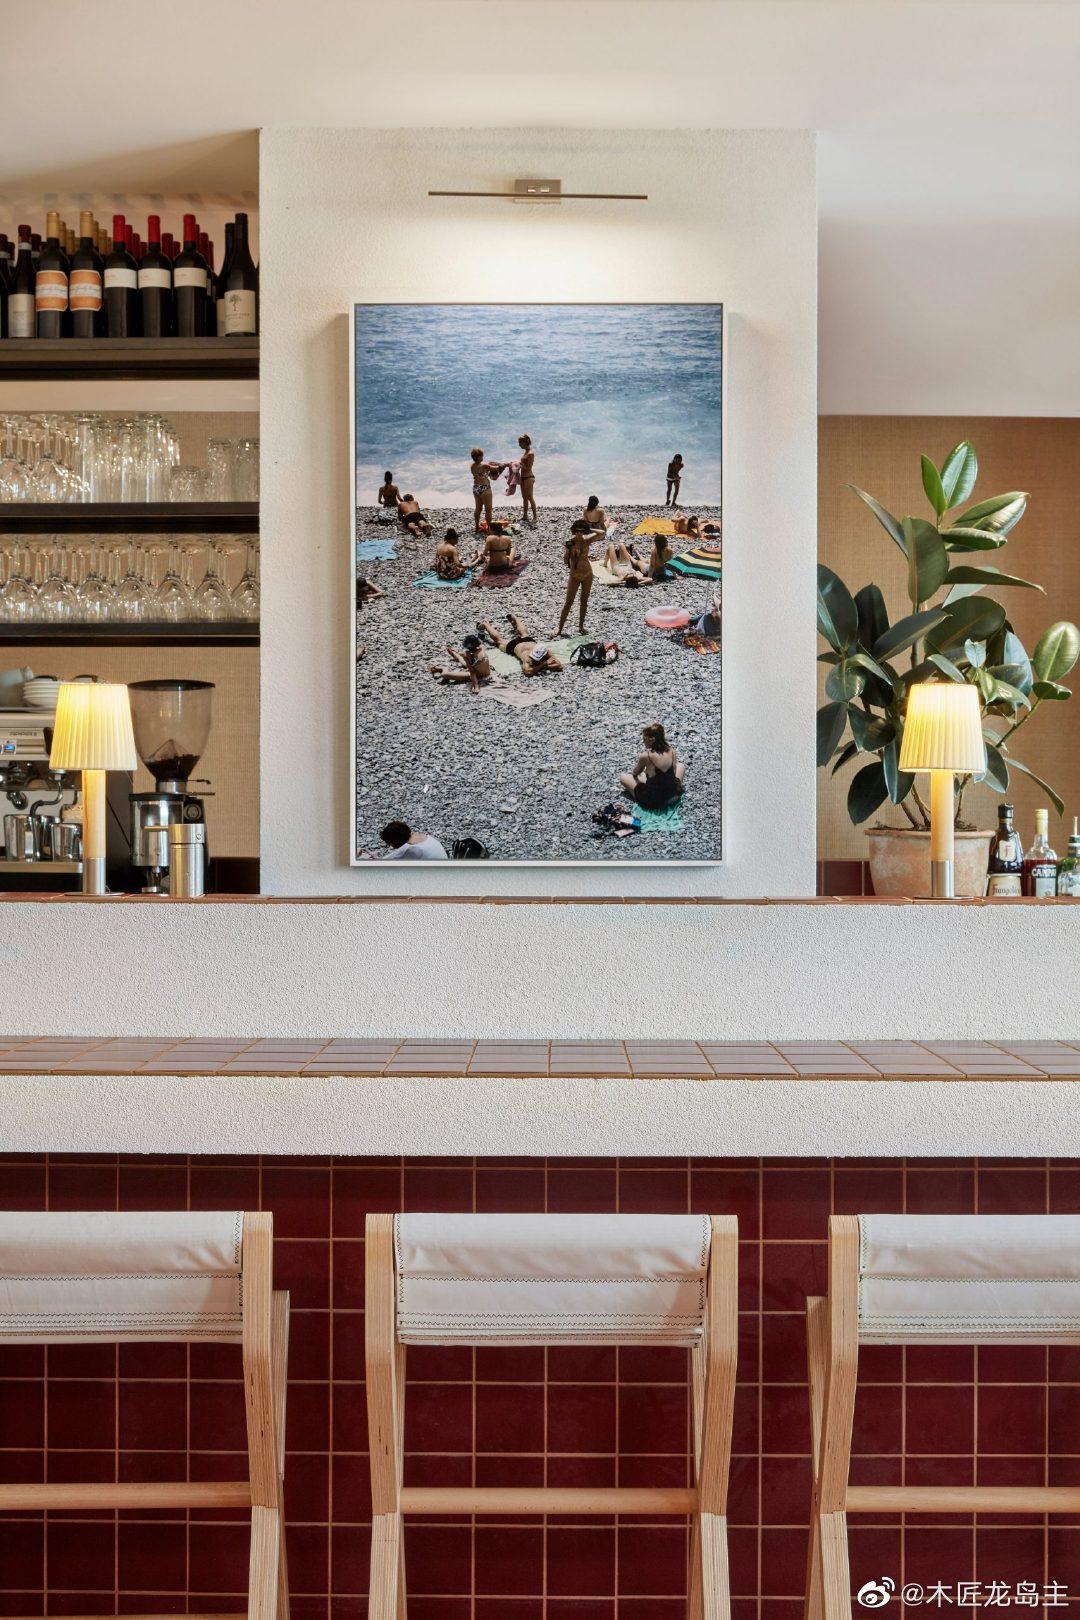 珀斯面团比萨饼店内的烧红瓷砖和黑森特色  室内设计公司Ohlo工作室